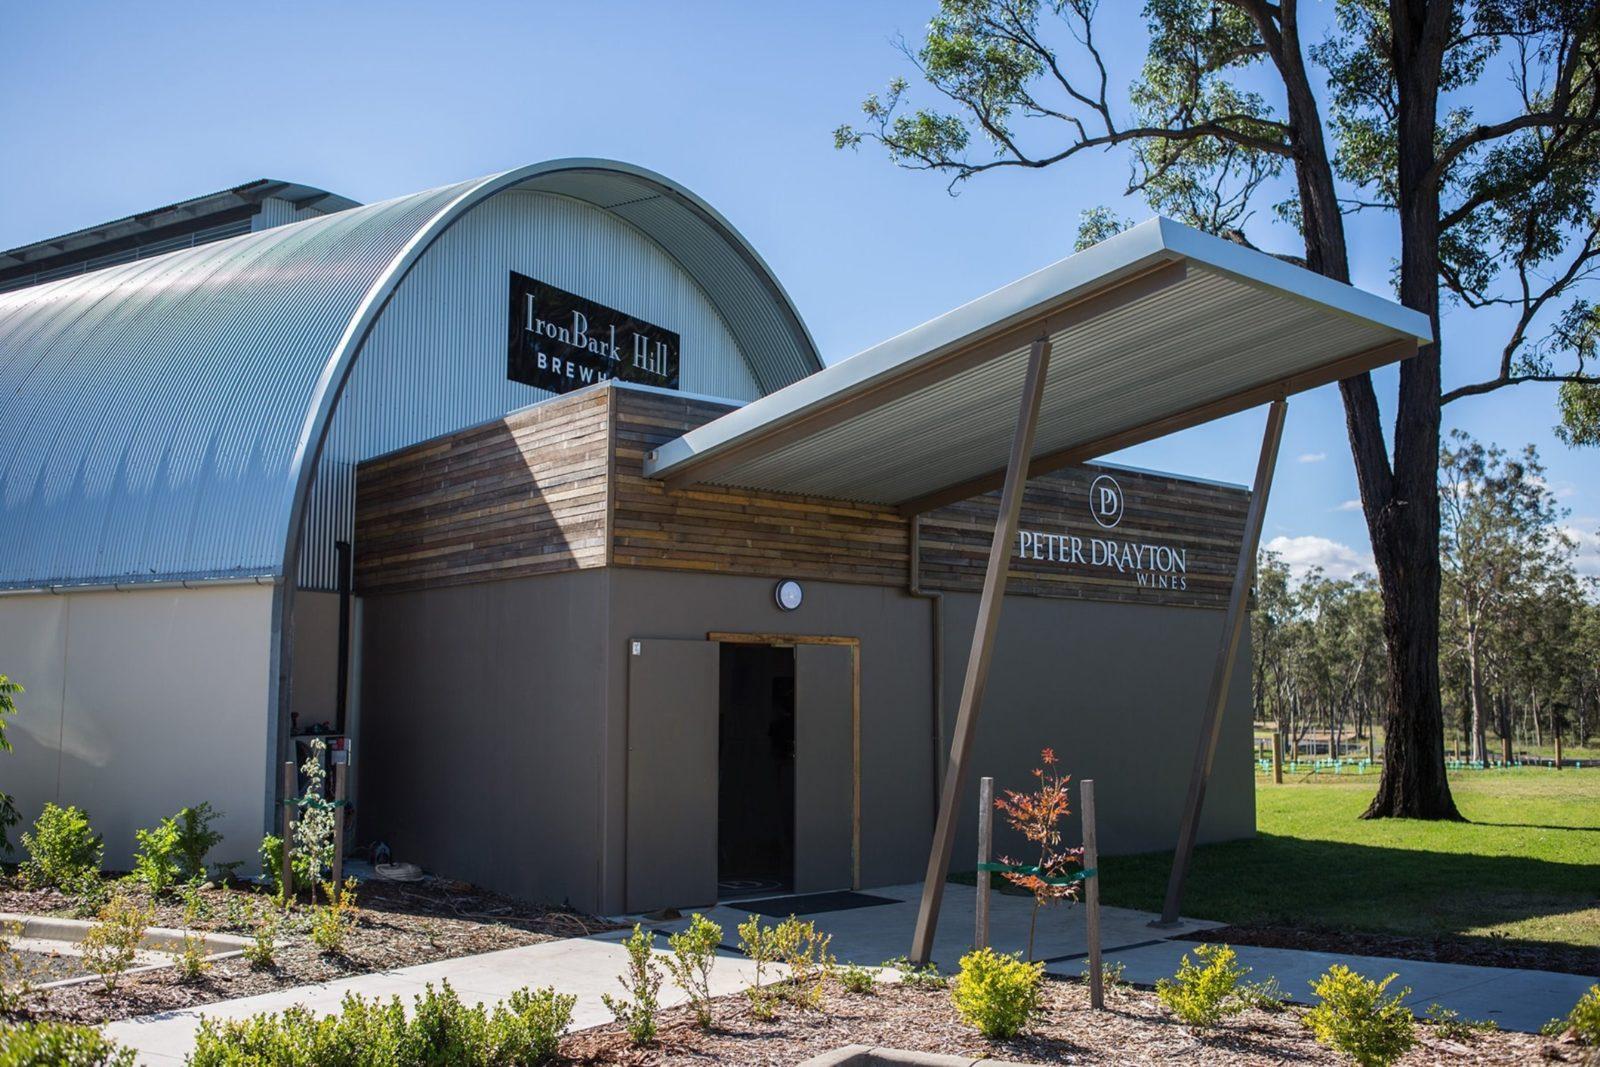 IronBark Hill Brewhouse Hunter Valley